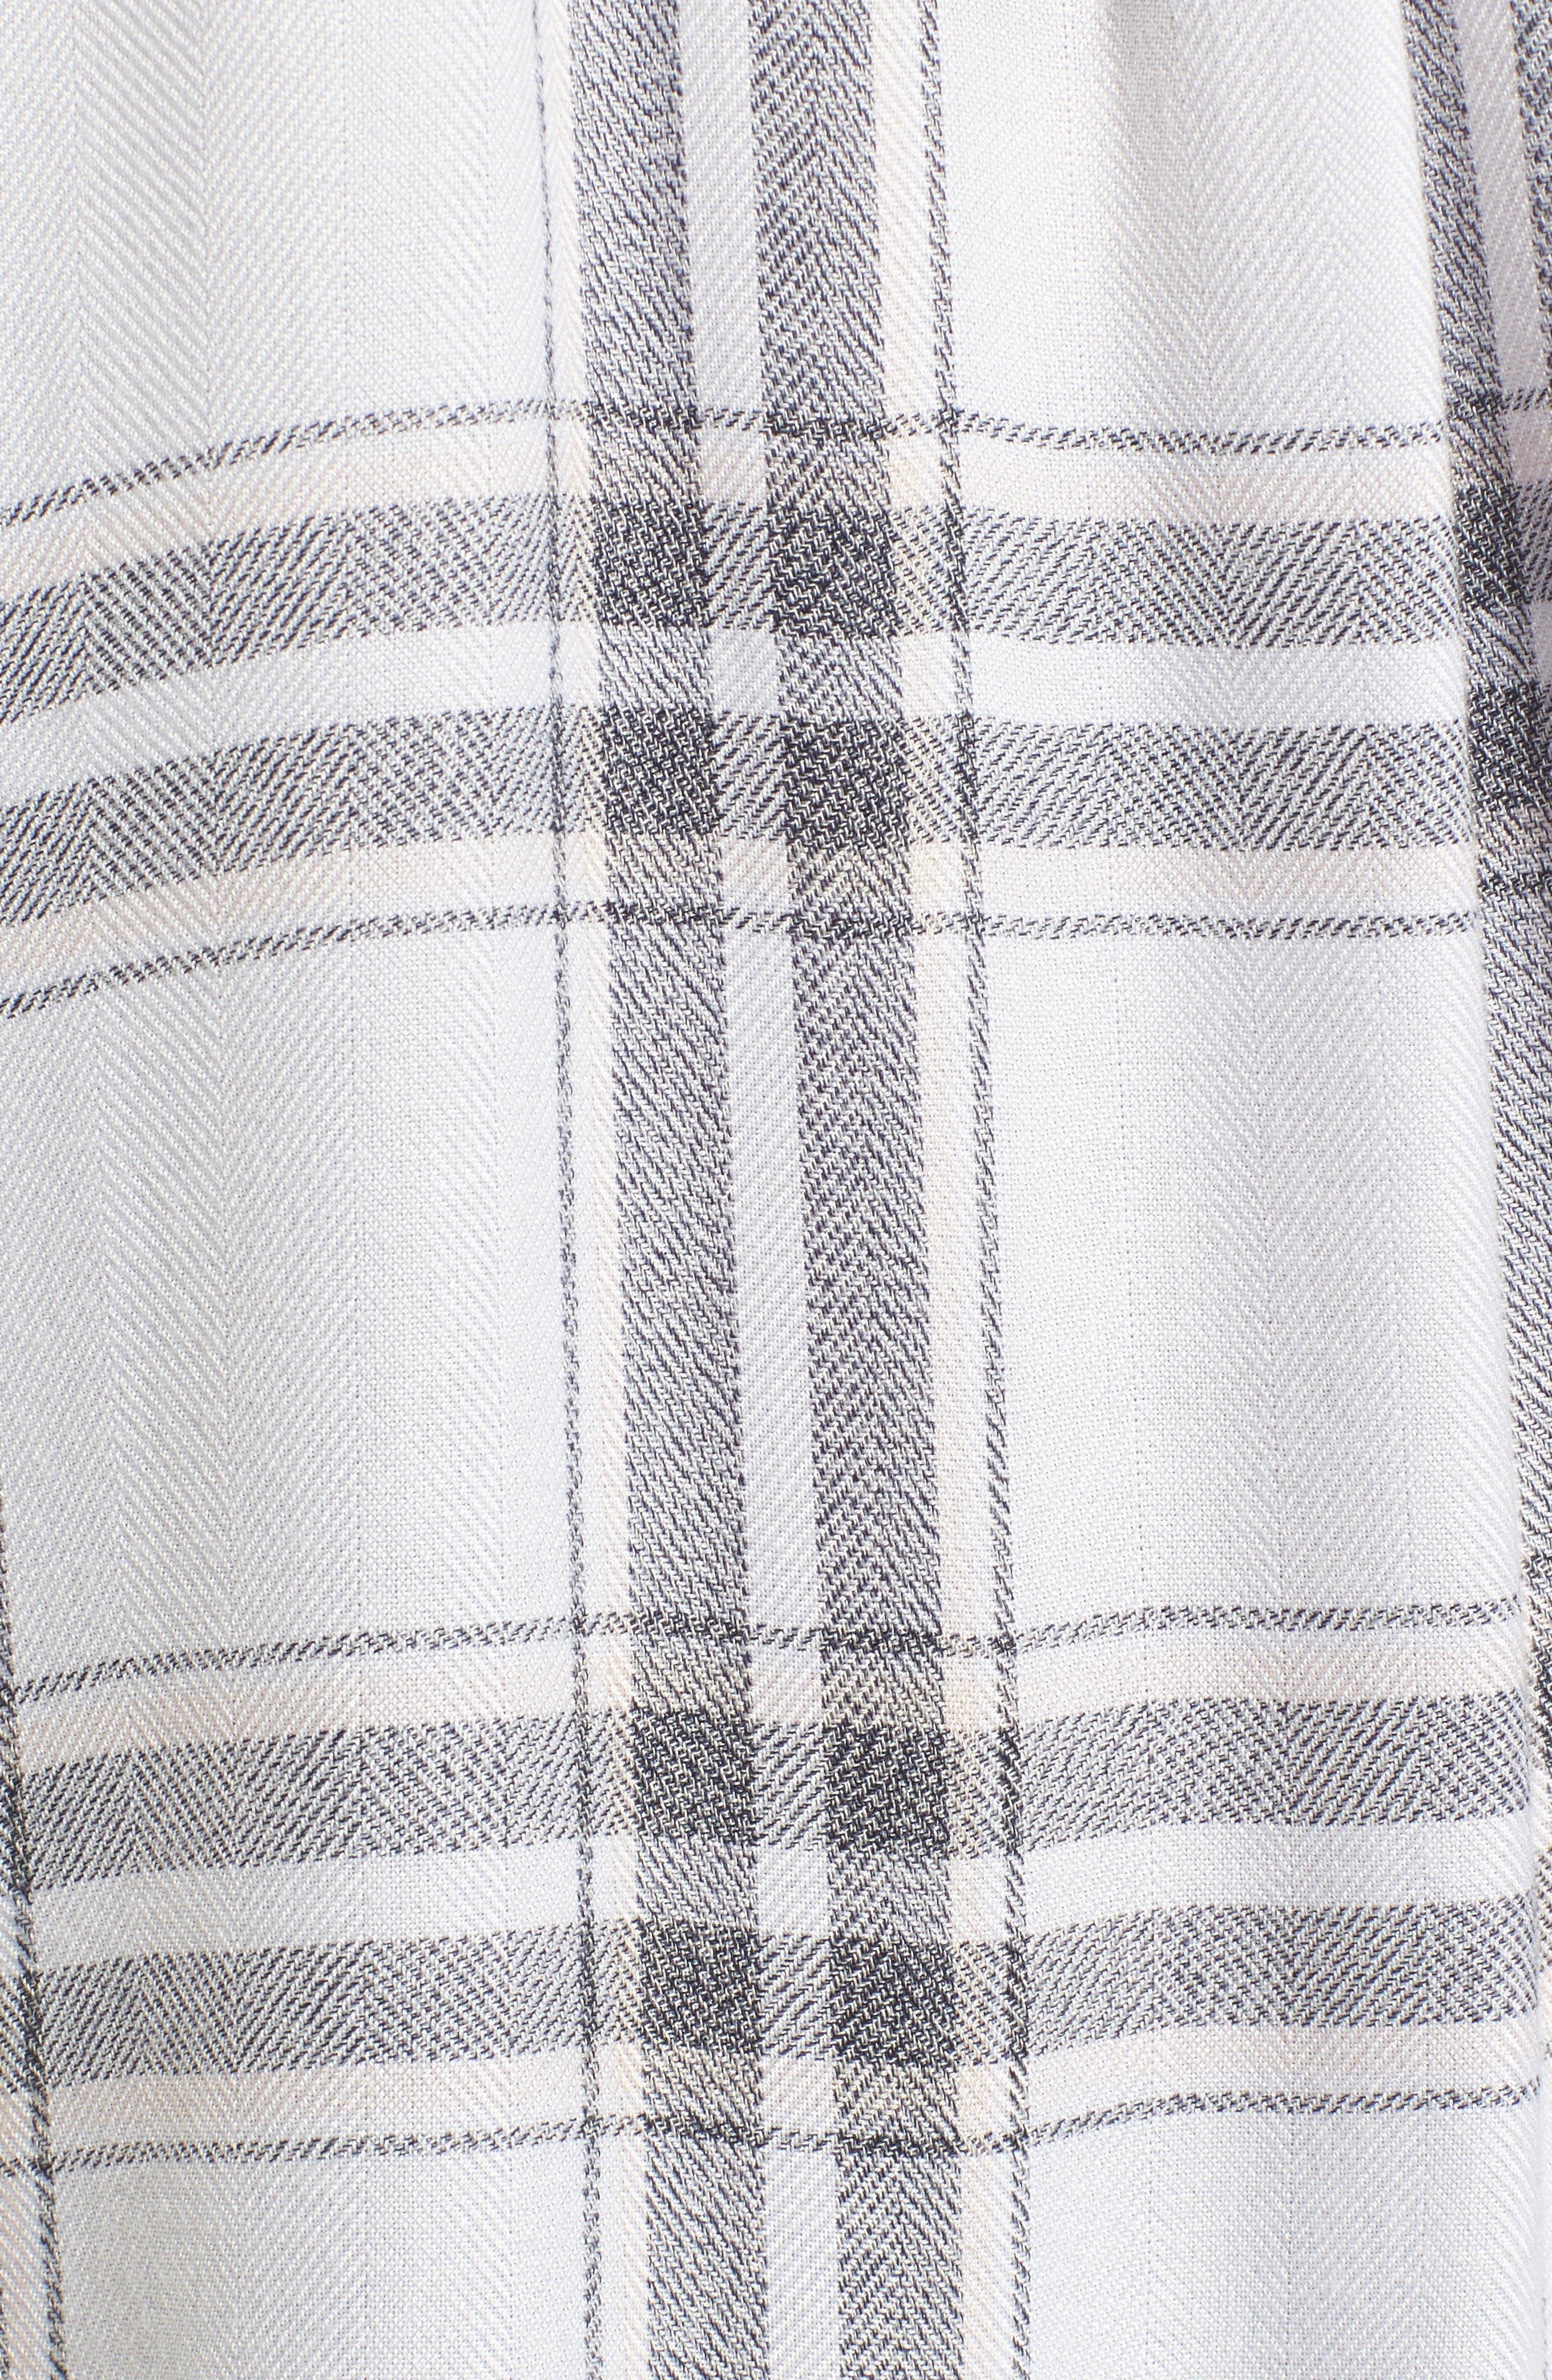 Hunter Plaid Shirt,                             Alternate thumbnail 648, color,